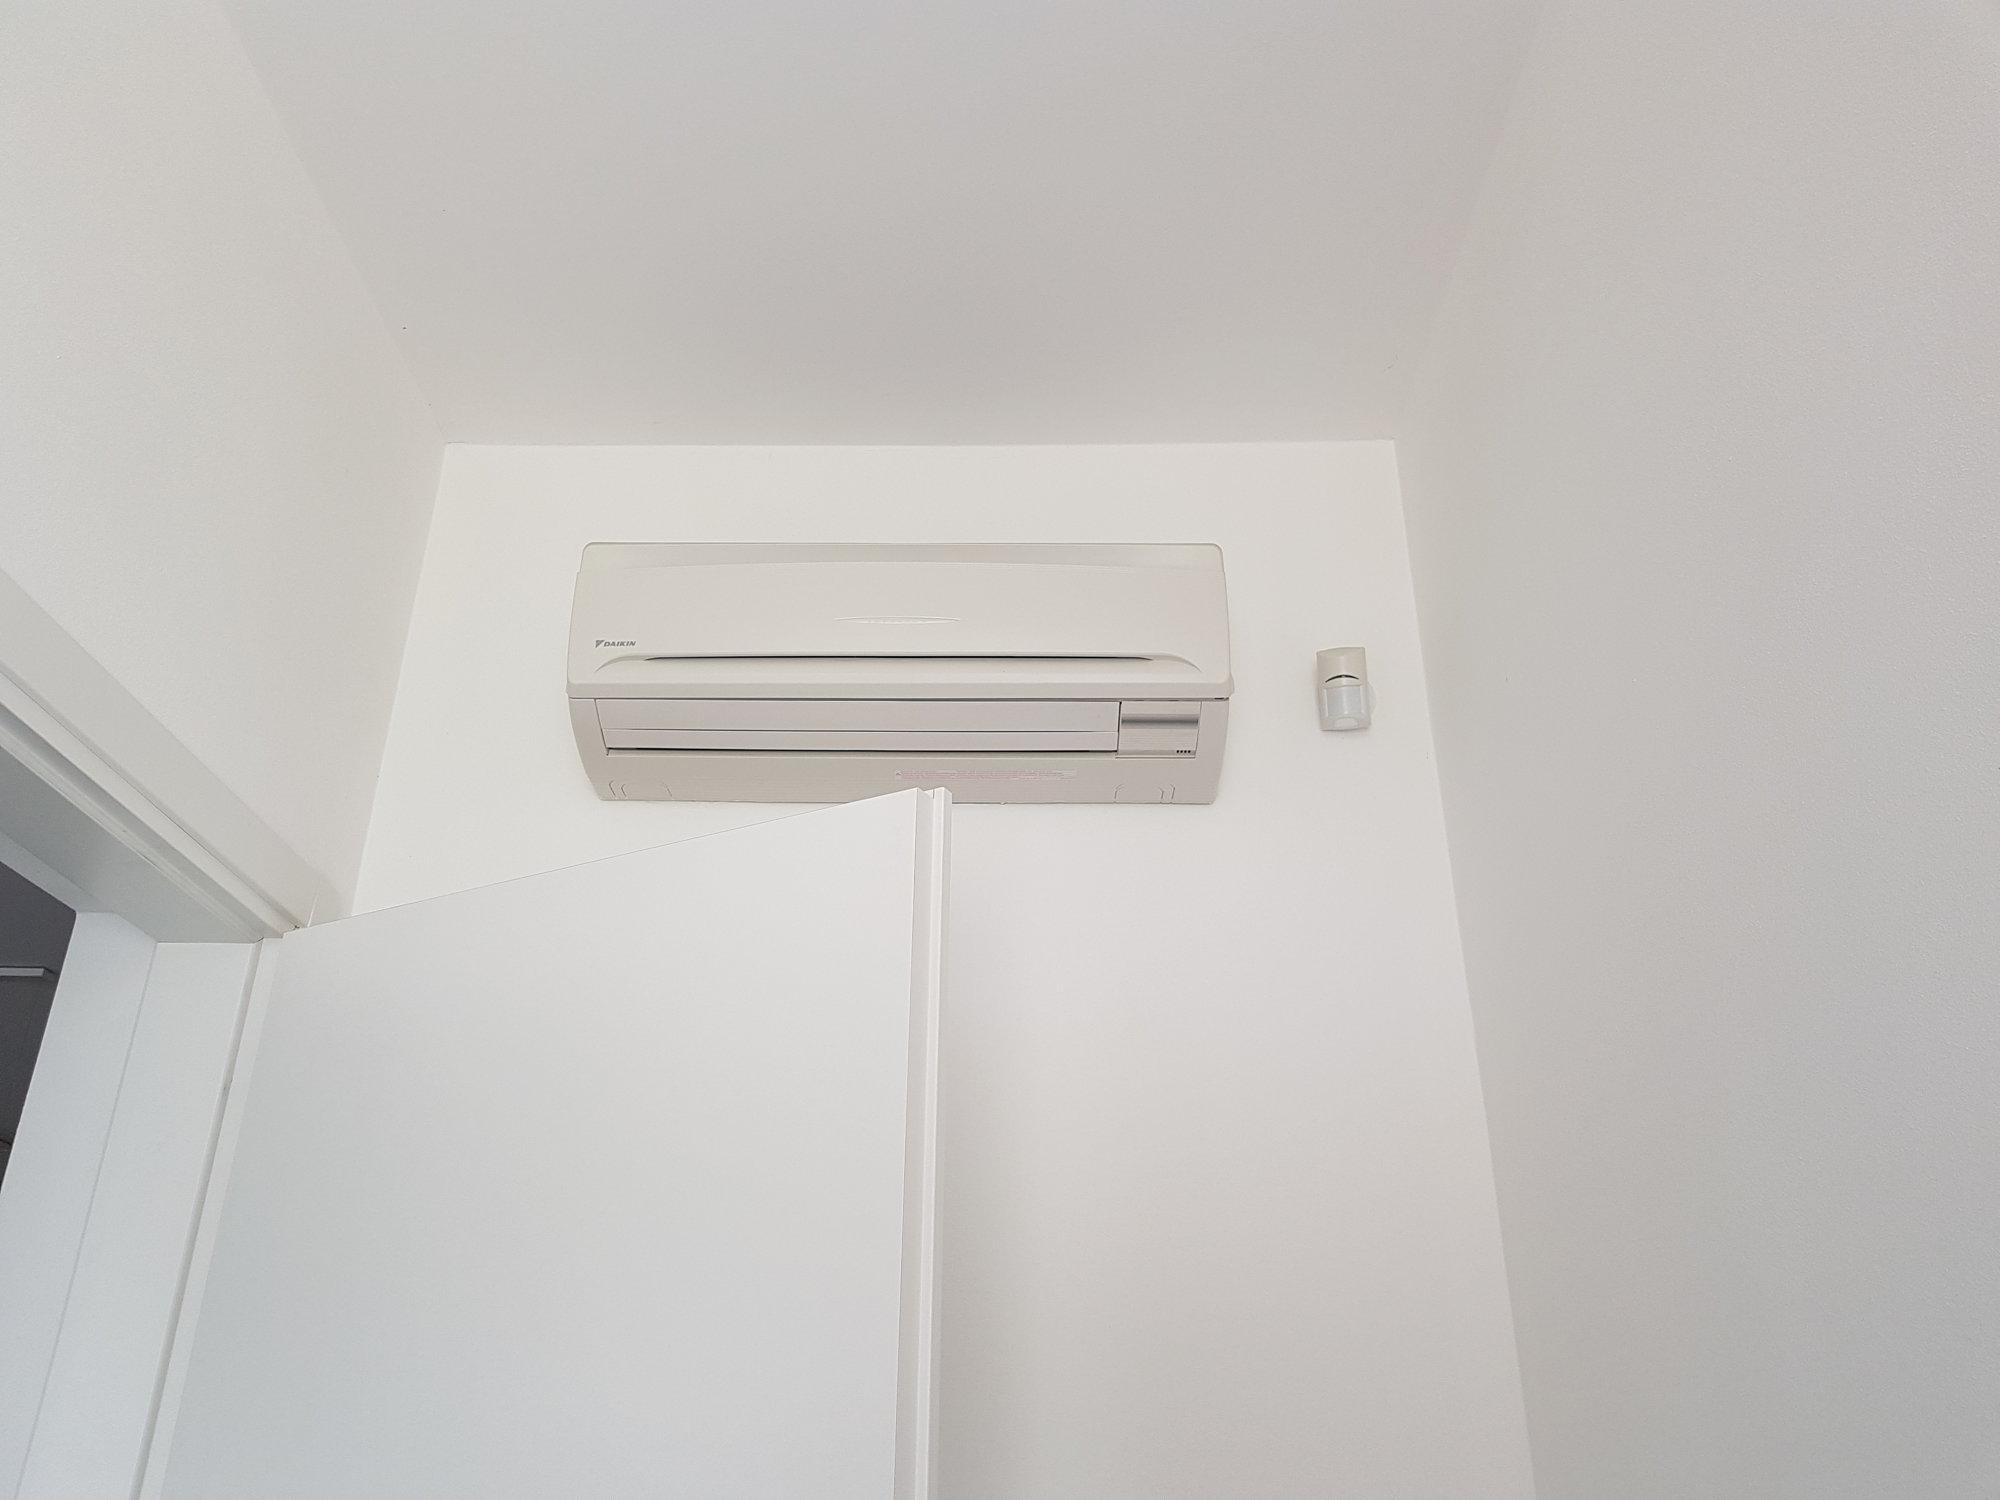 Klimaanlage_impianto aria condizionata